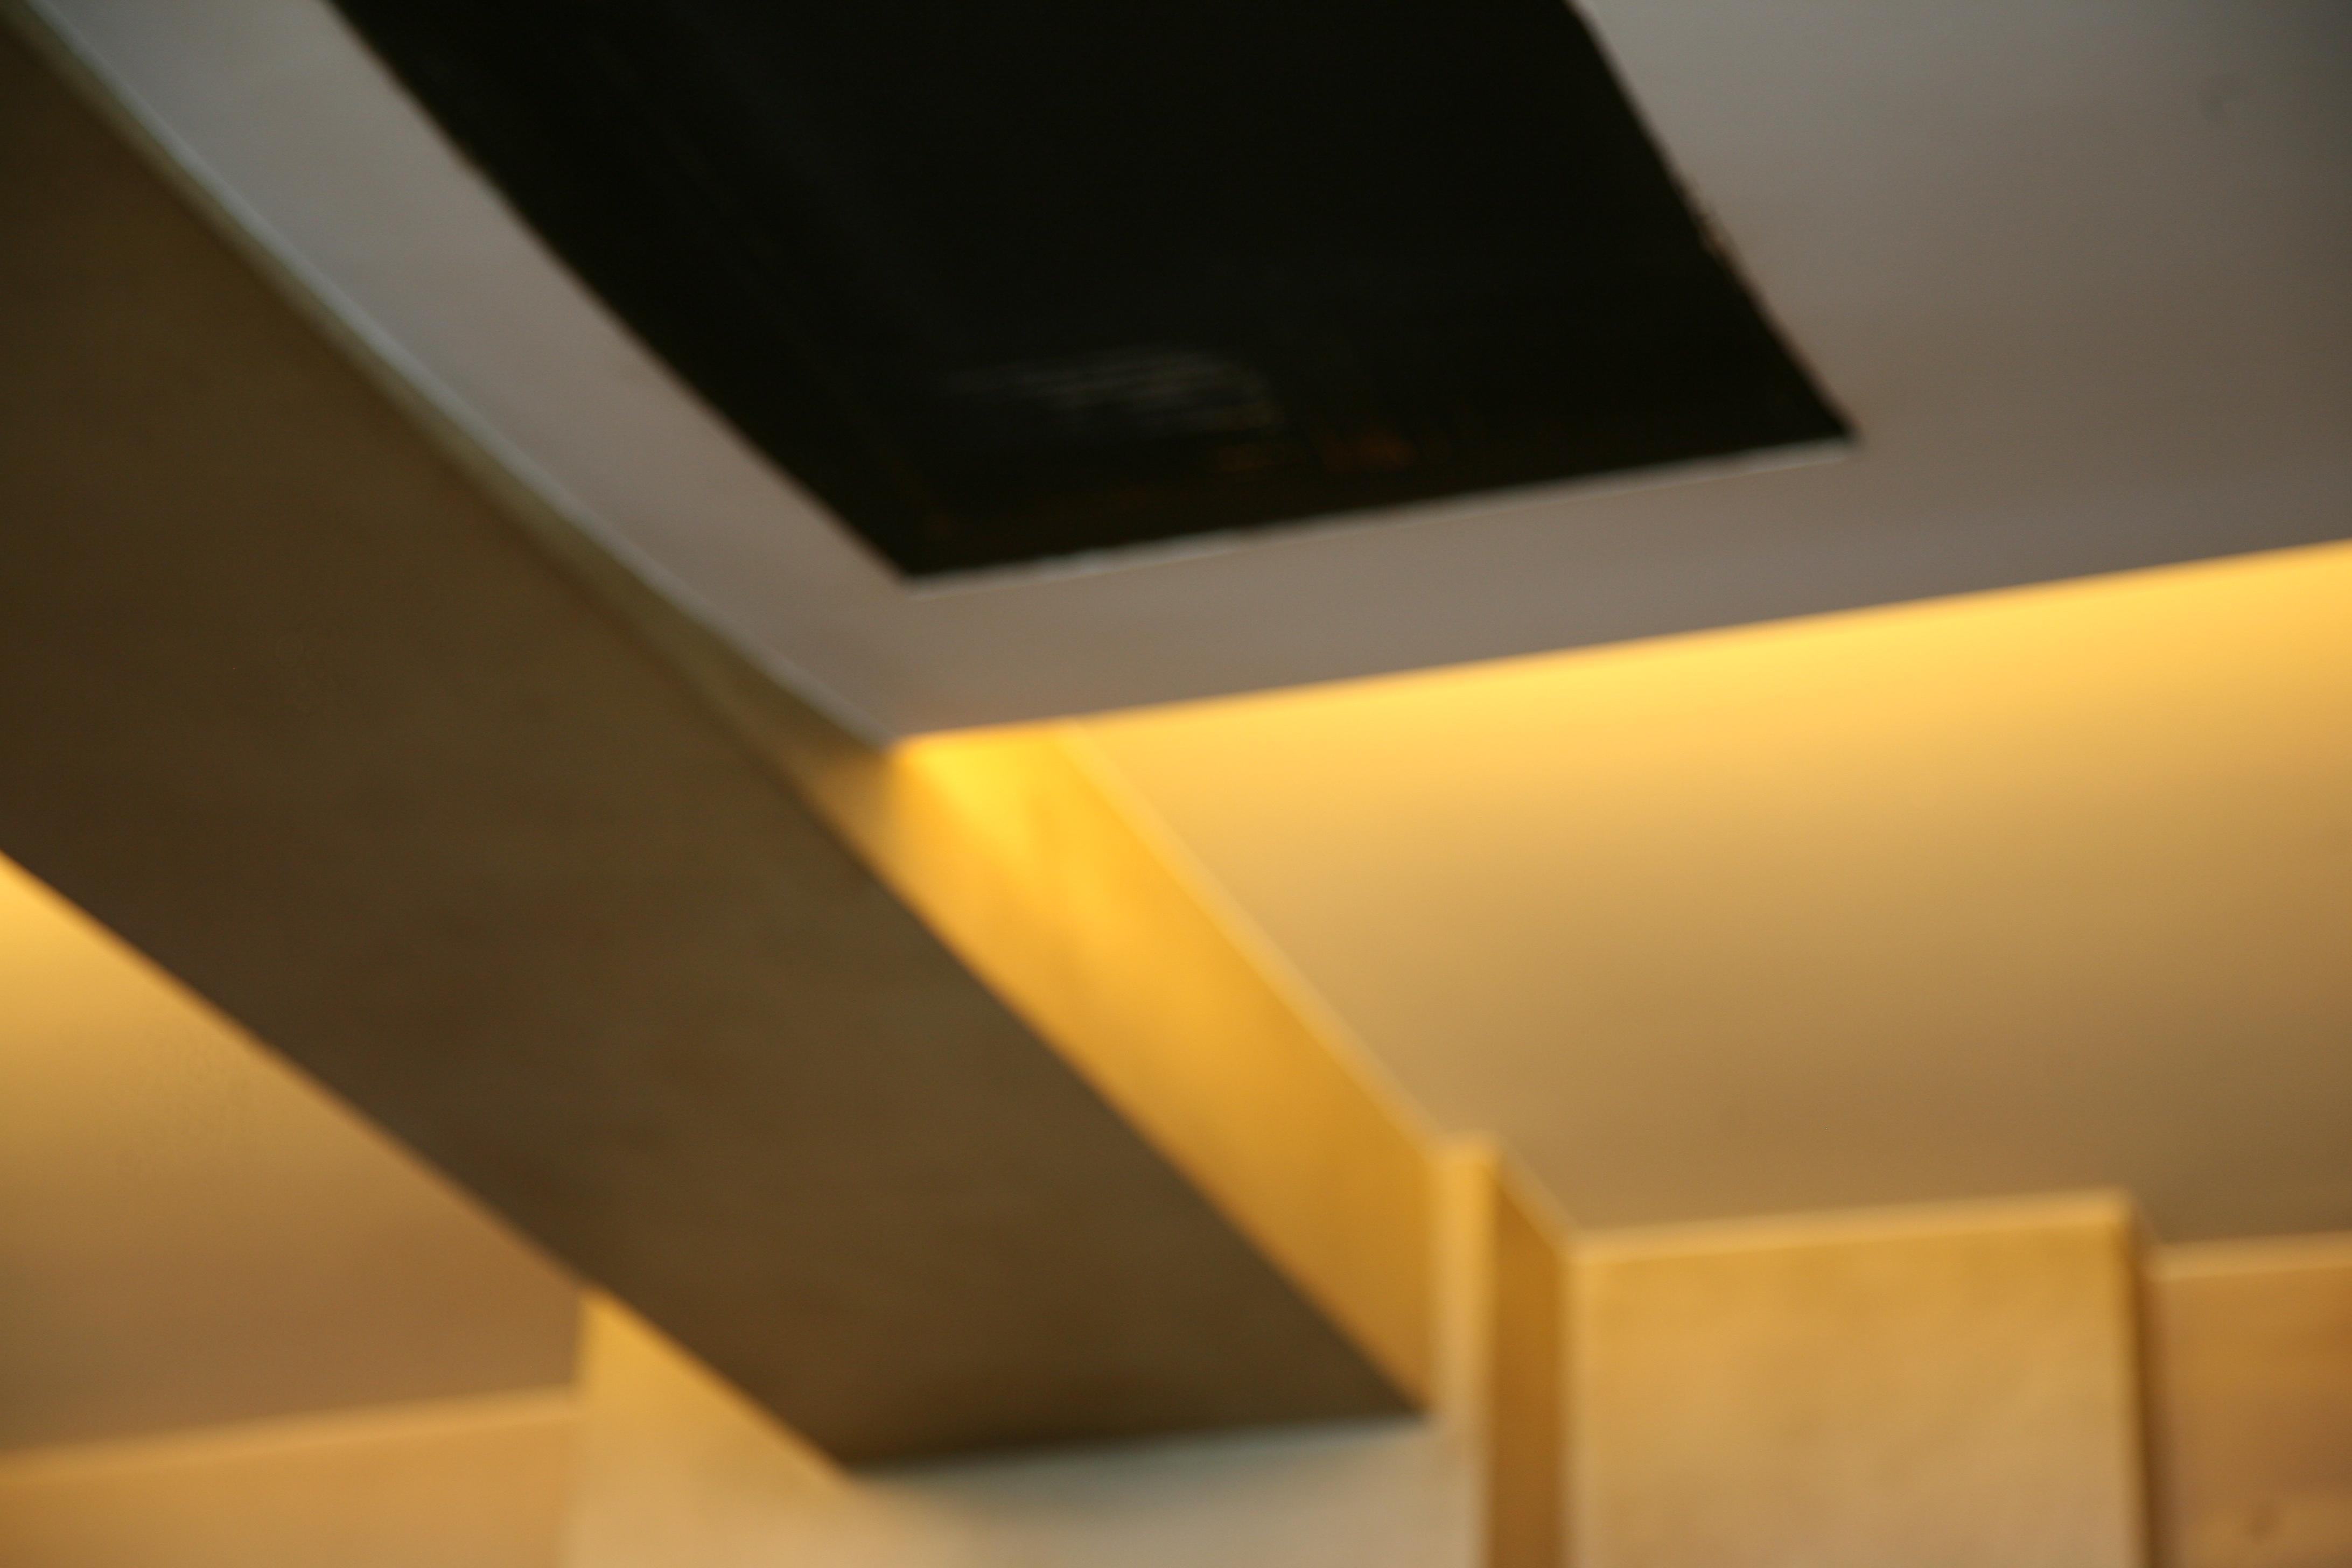 Kostenlose foto : Tabelle, Licht, Holz, Stock, Decke, Möbel, Zimmer ...